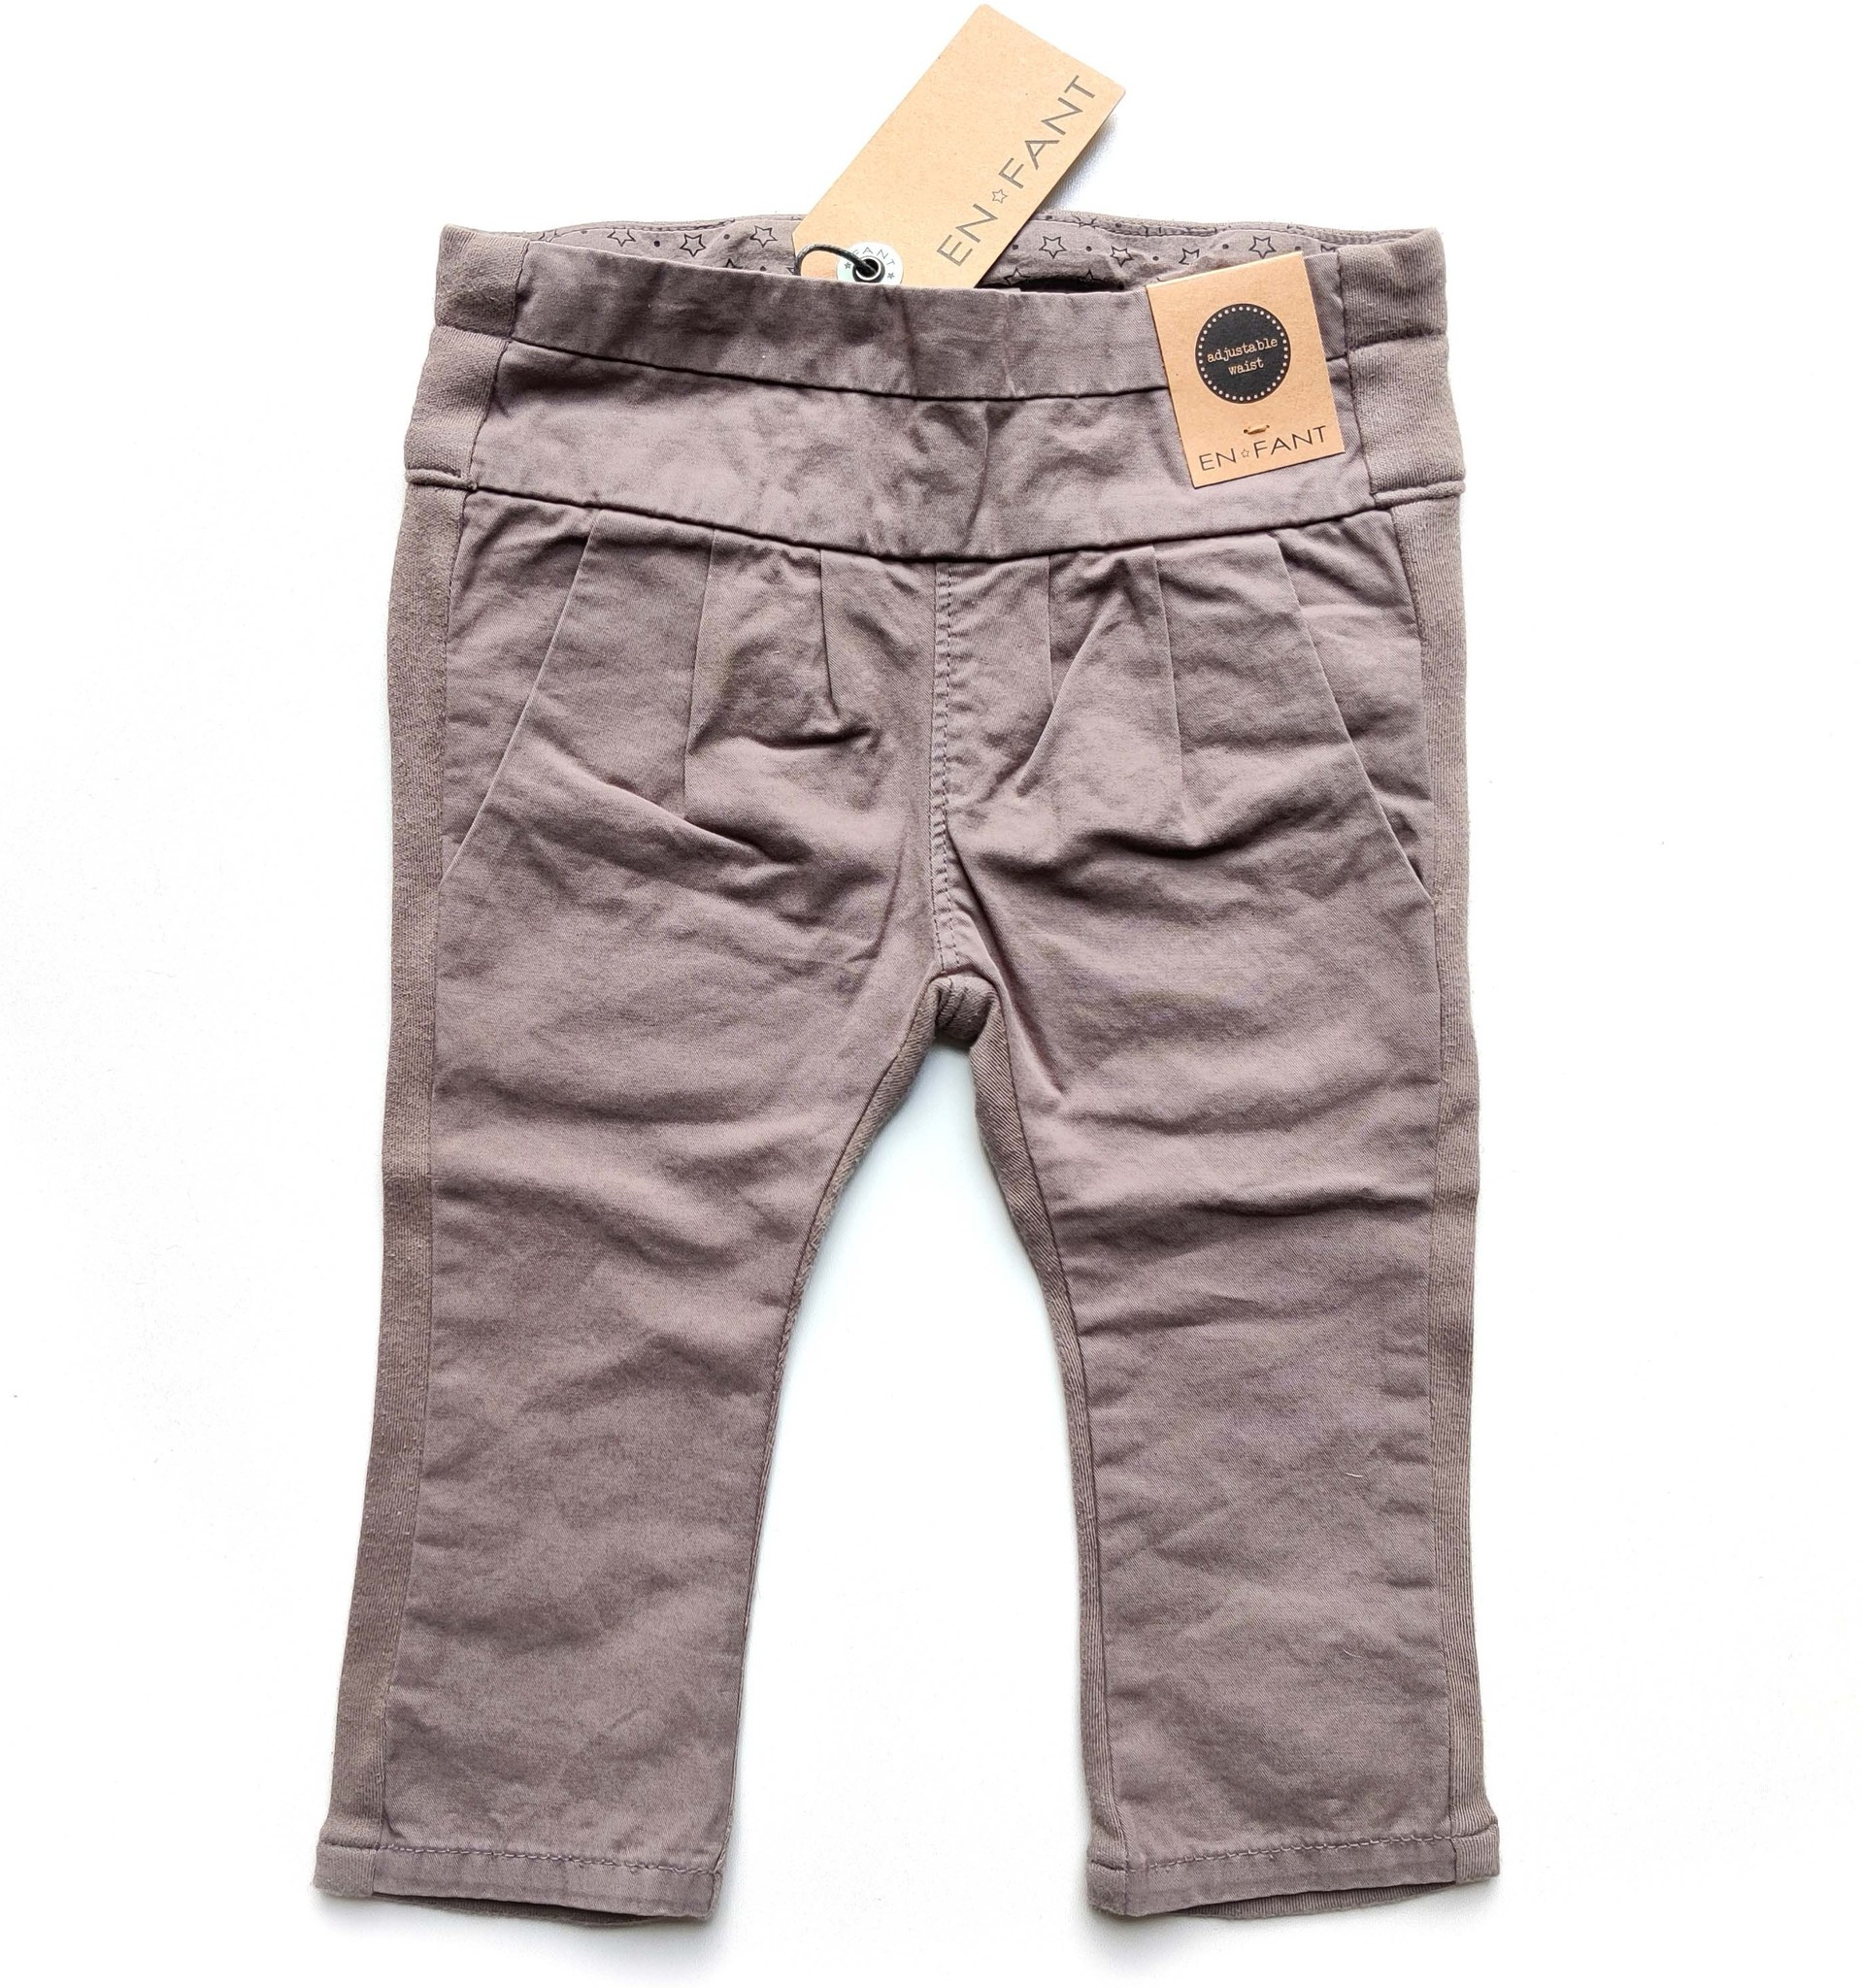 Nieuwe broek En Fant-1